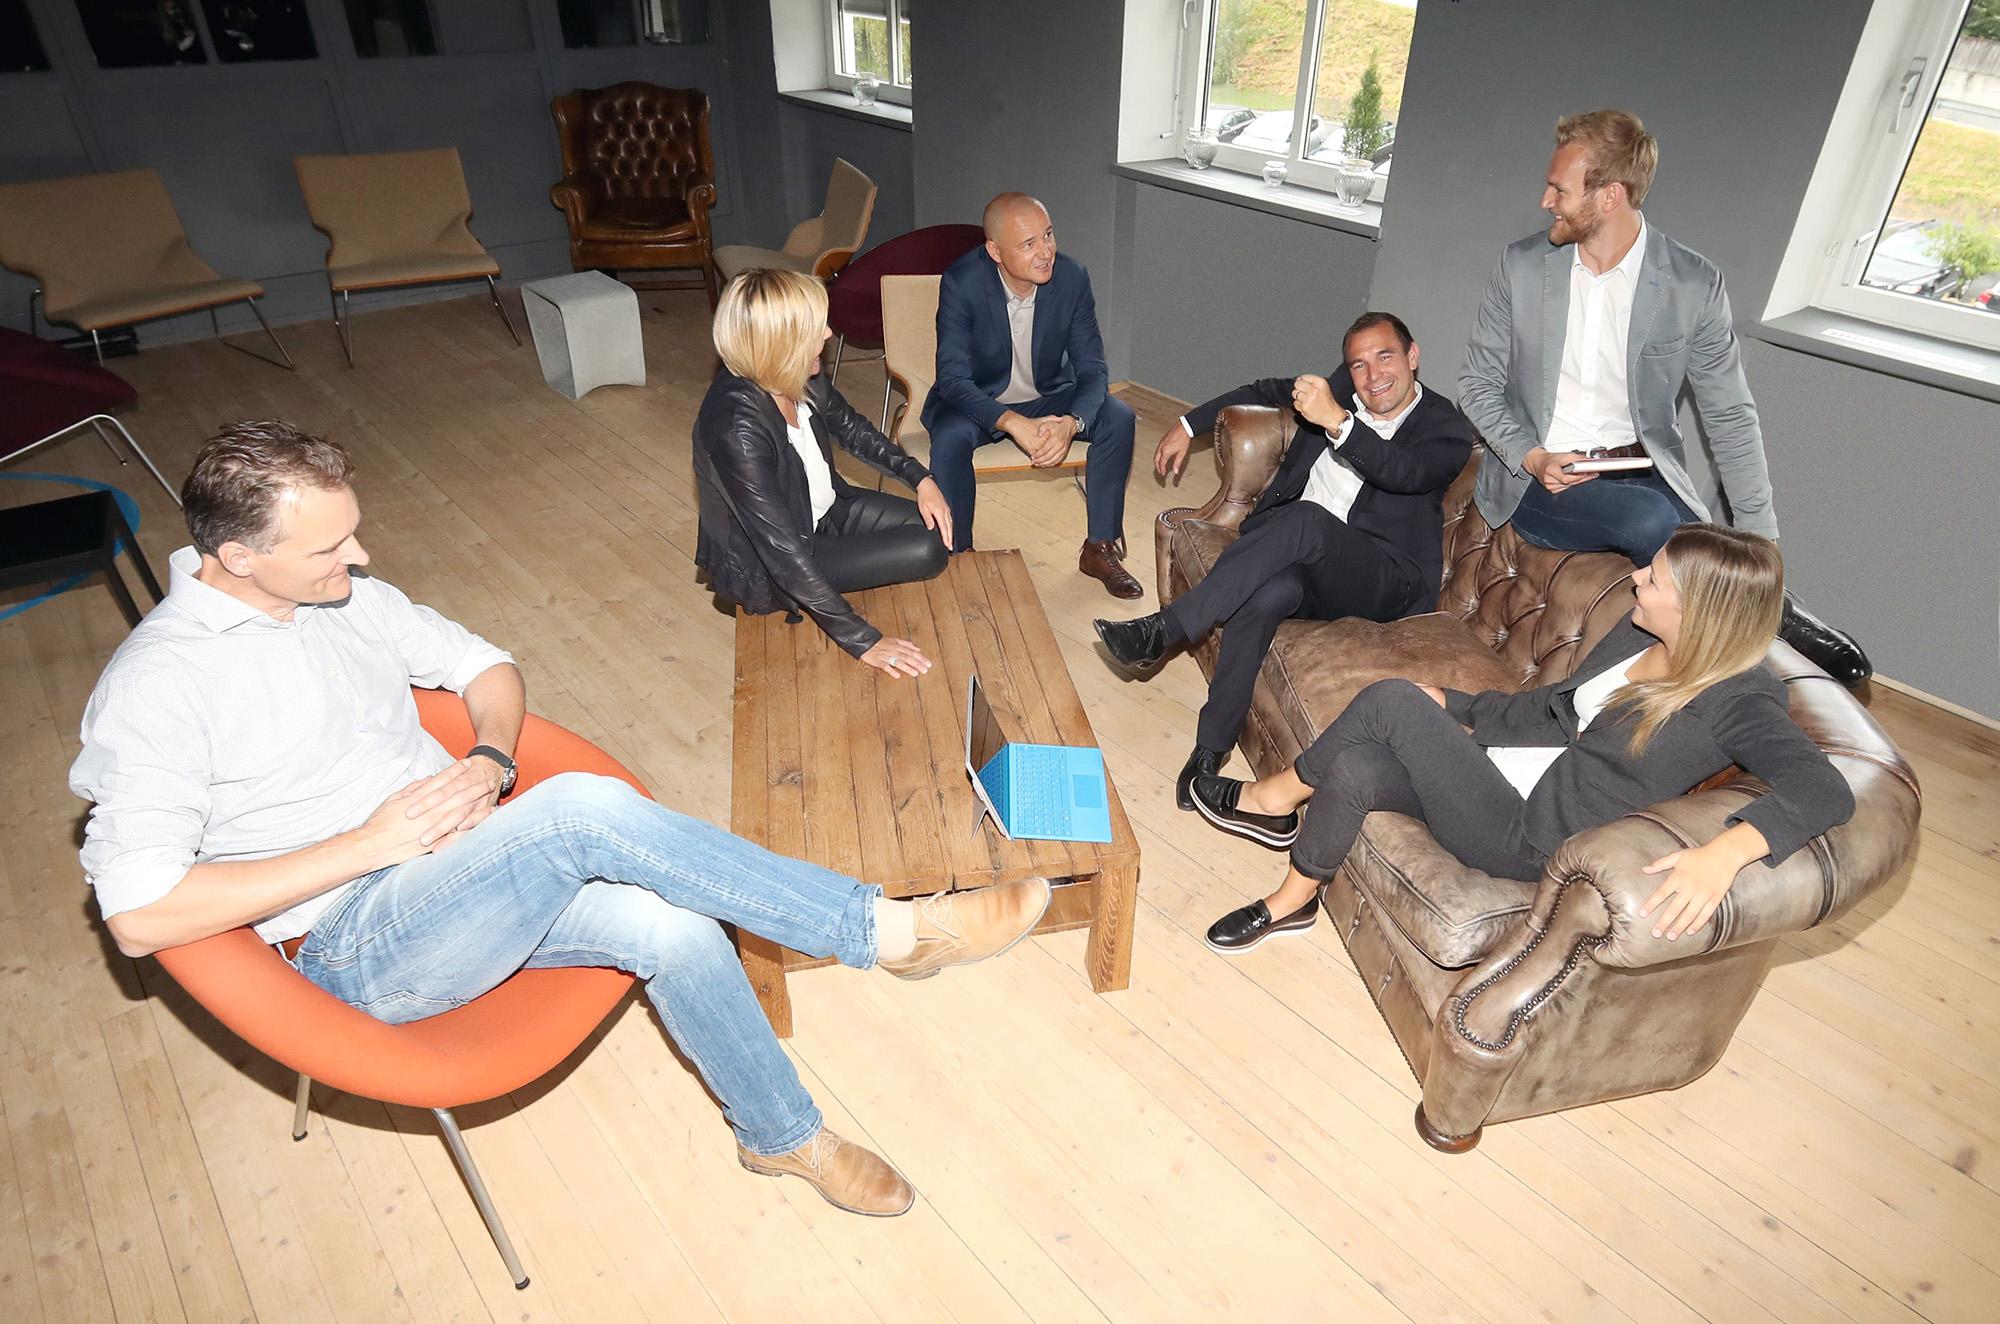 Team, Stimmung, Zusammenarbeit, Analyse, Seminar, IAK, Erfolg, Leadership, Vertrieb, IAK